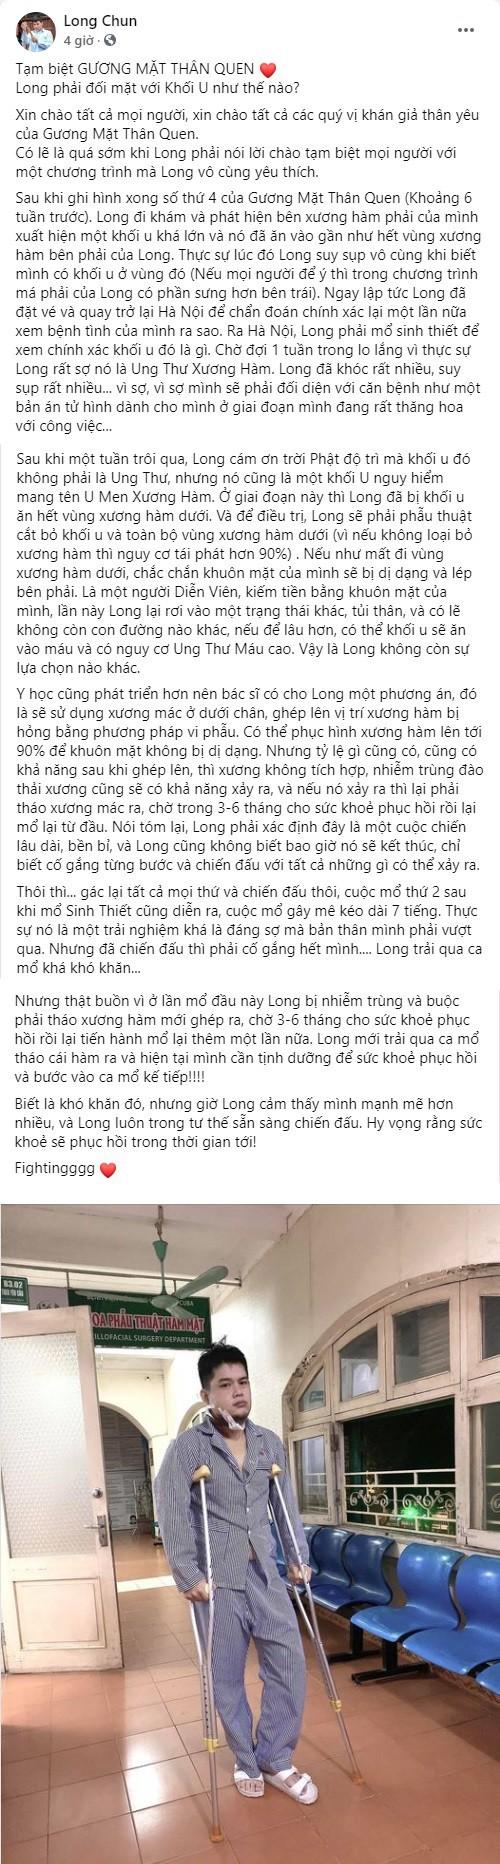 Showbiz 16/12: Phạm Băng Băng lần đầu tiết lộ lý do chia tay Lý Thần ảnh 3